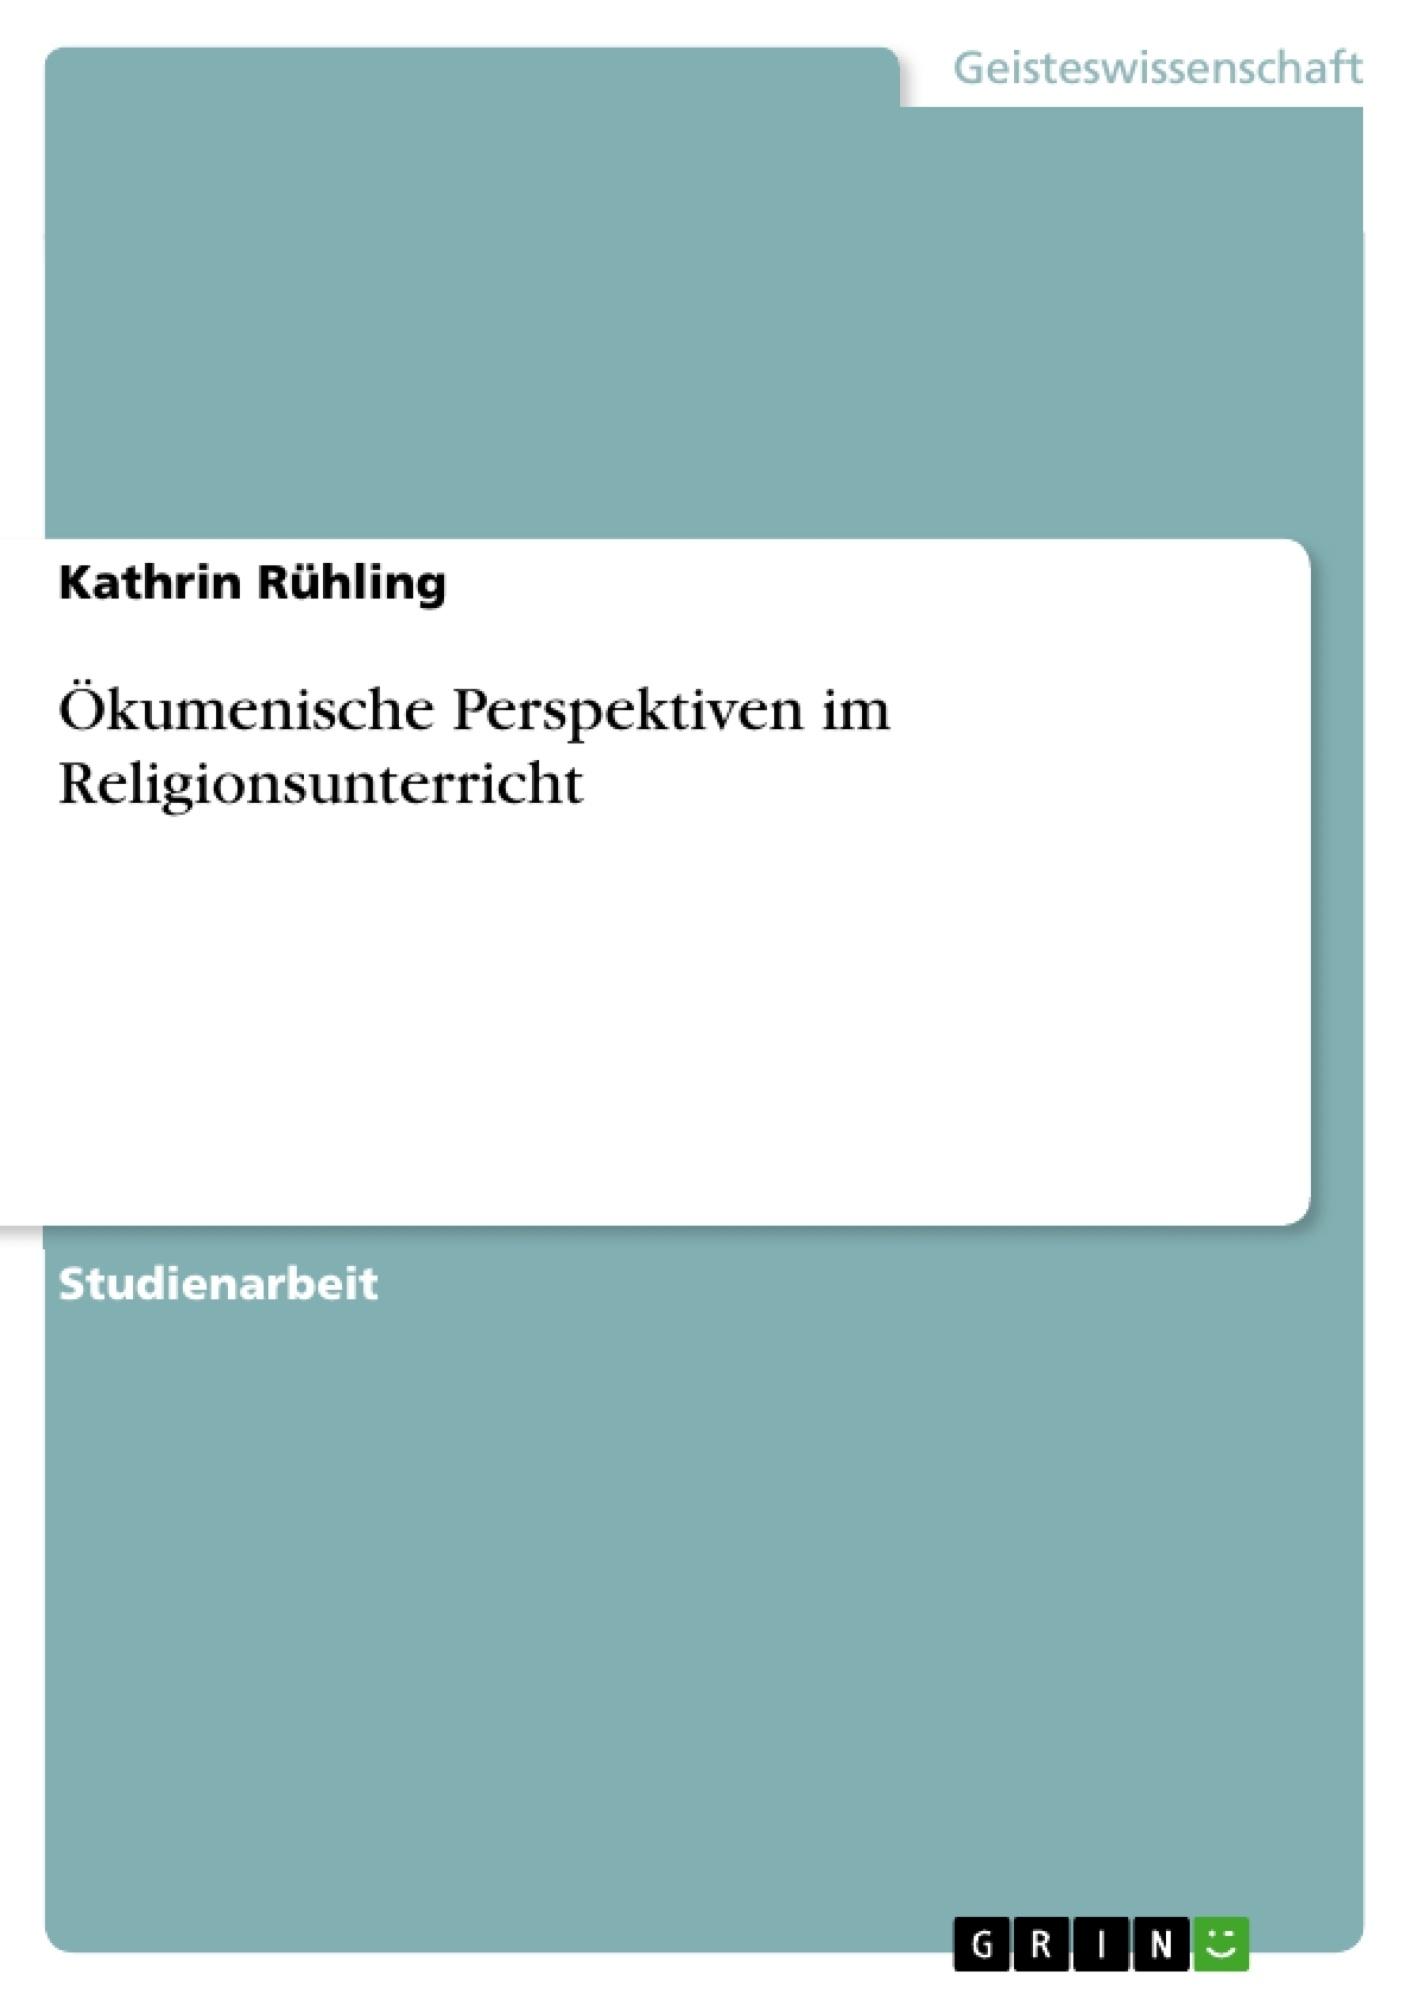 Titel: Ökumenische Perspektiven im Religionsunterricht